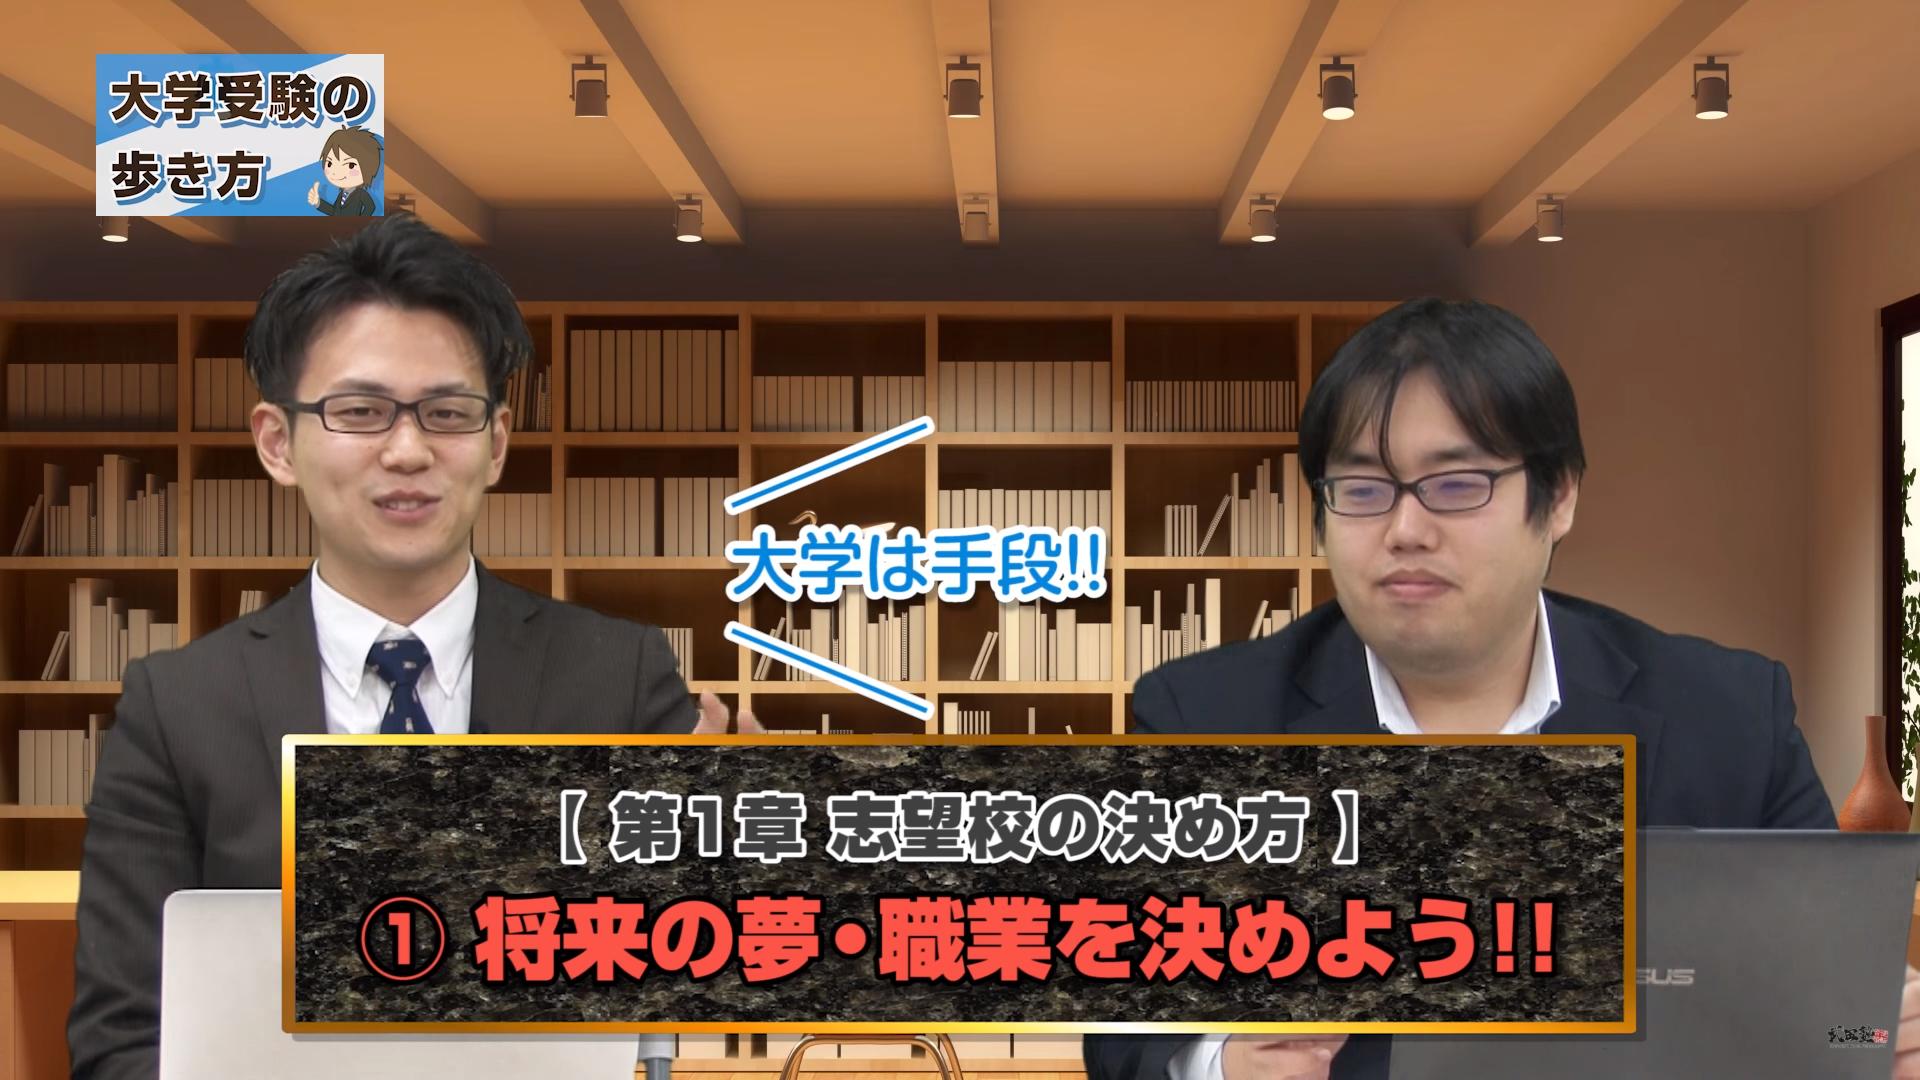 「将来の夢・職業を決めよう!!」